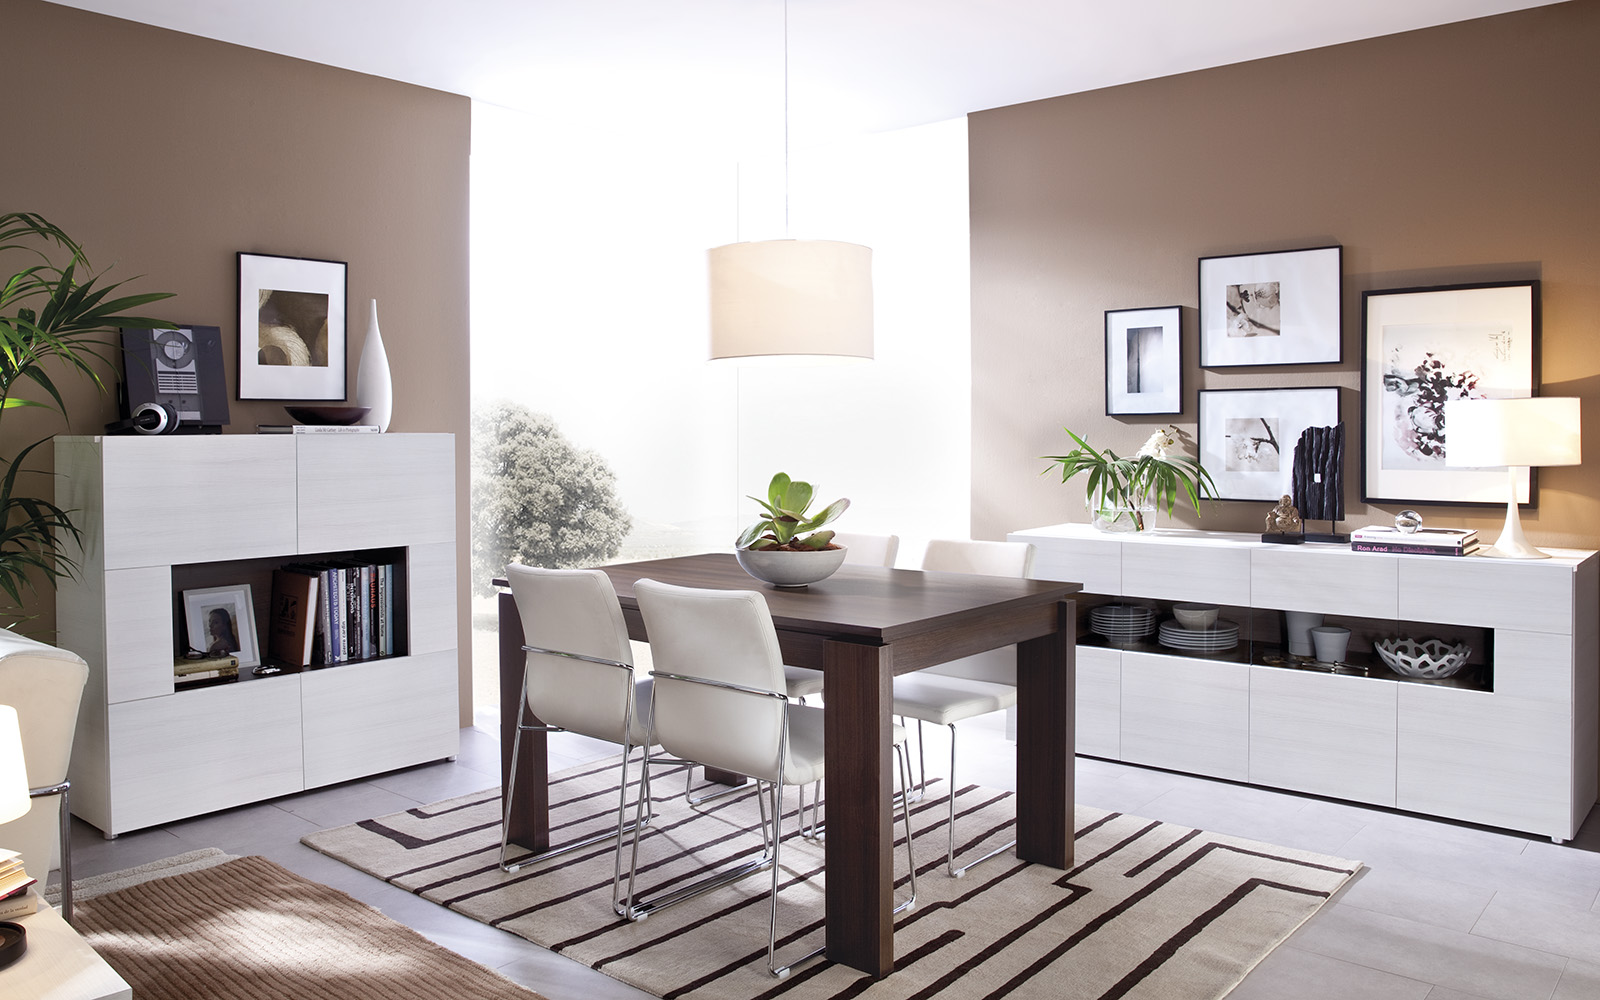 Tatat muebles a medida y m s expertos en mueble juvenil - Comedores decorados modernos ...